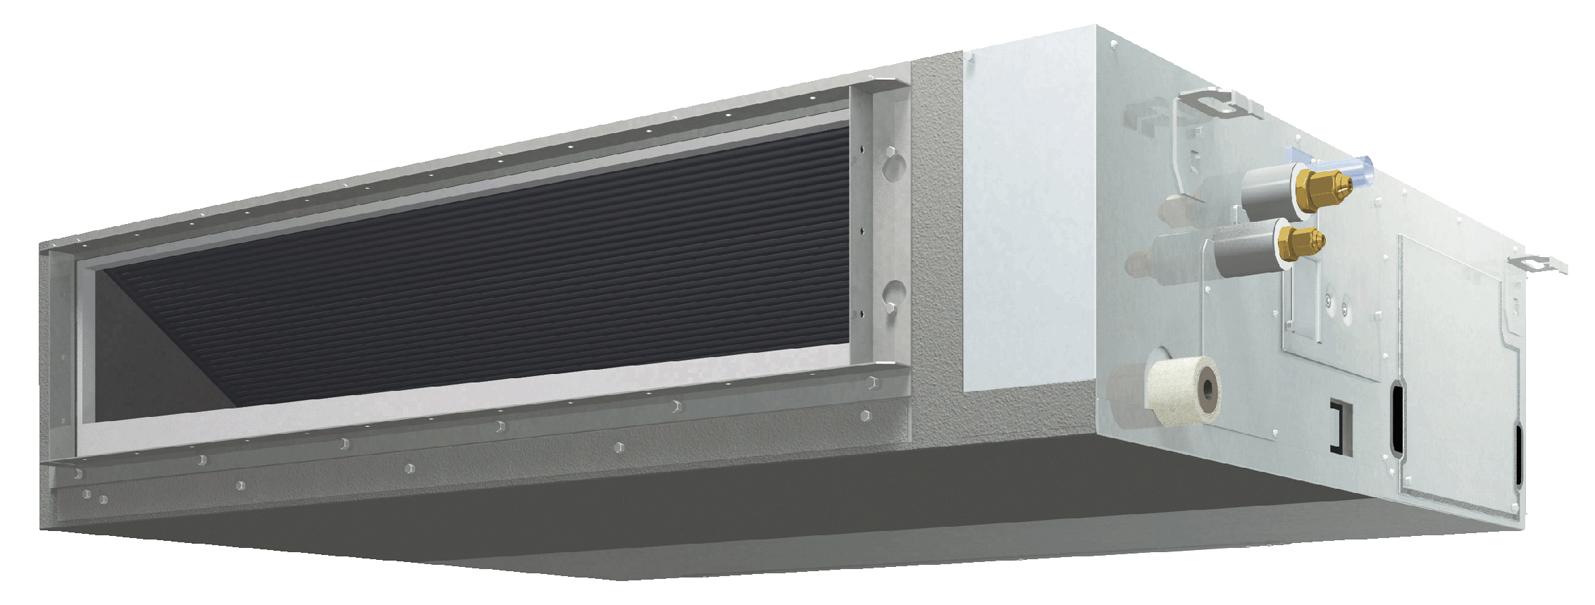 ###ダイキン 業務用エアコン【SZRMM80BCV】 天井埋込ダクト形(標準タイプ) ペア 3馬力 ワイヤード 単相200V Eco ZEAS